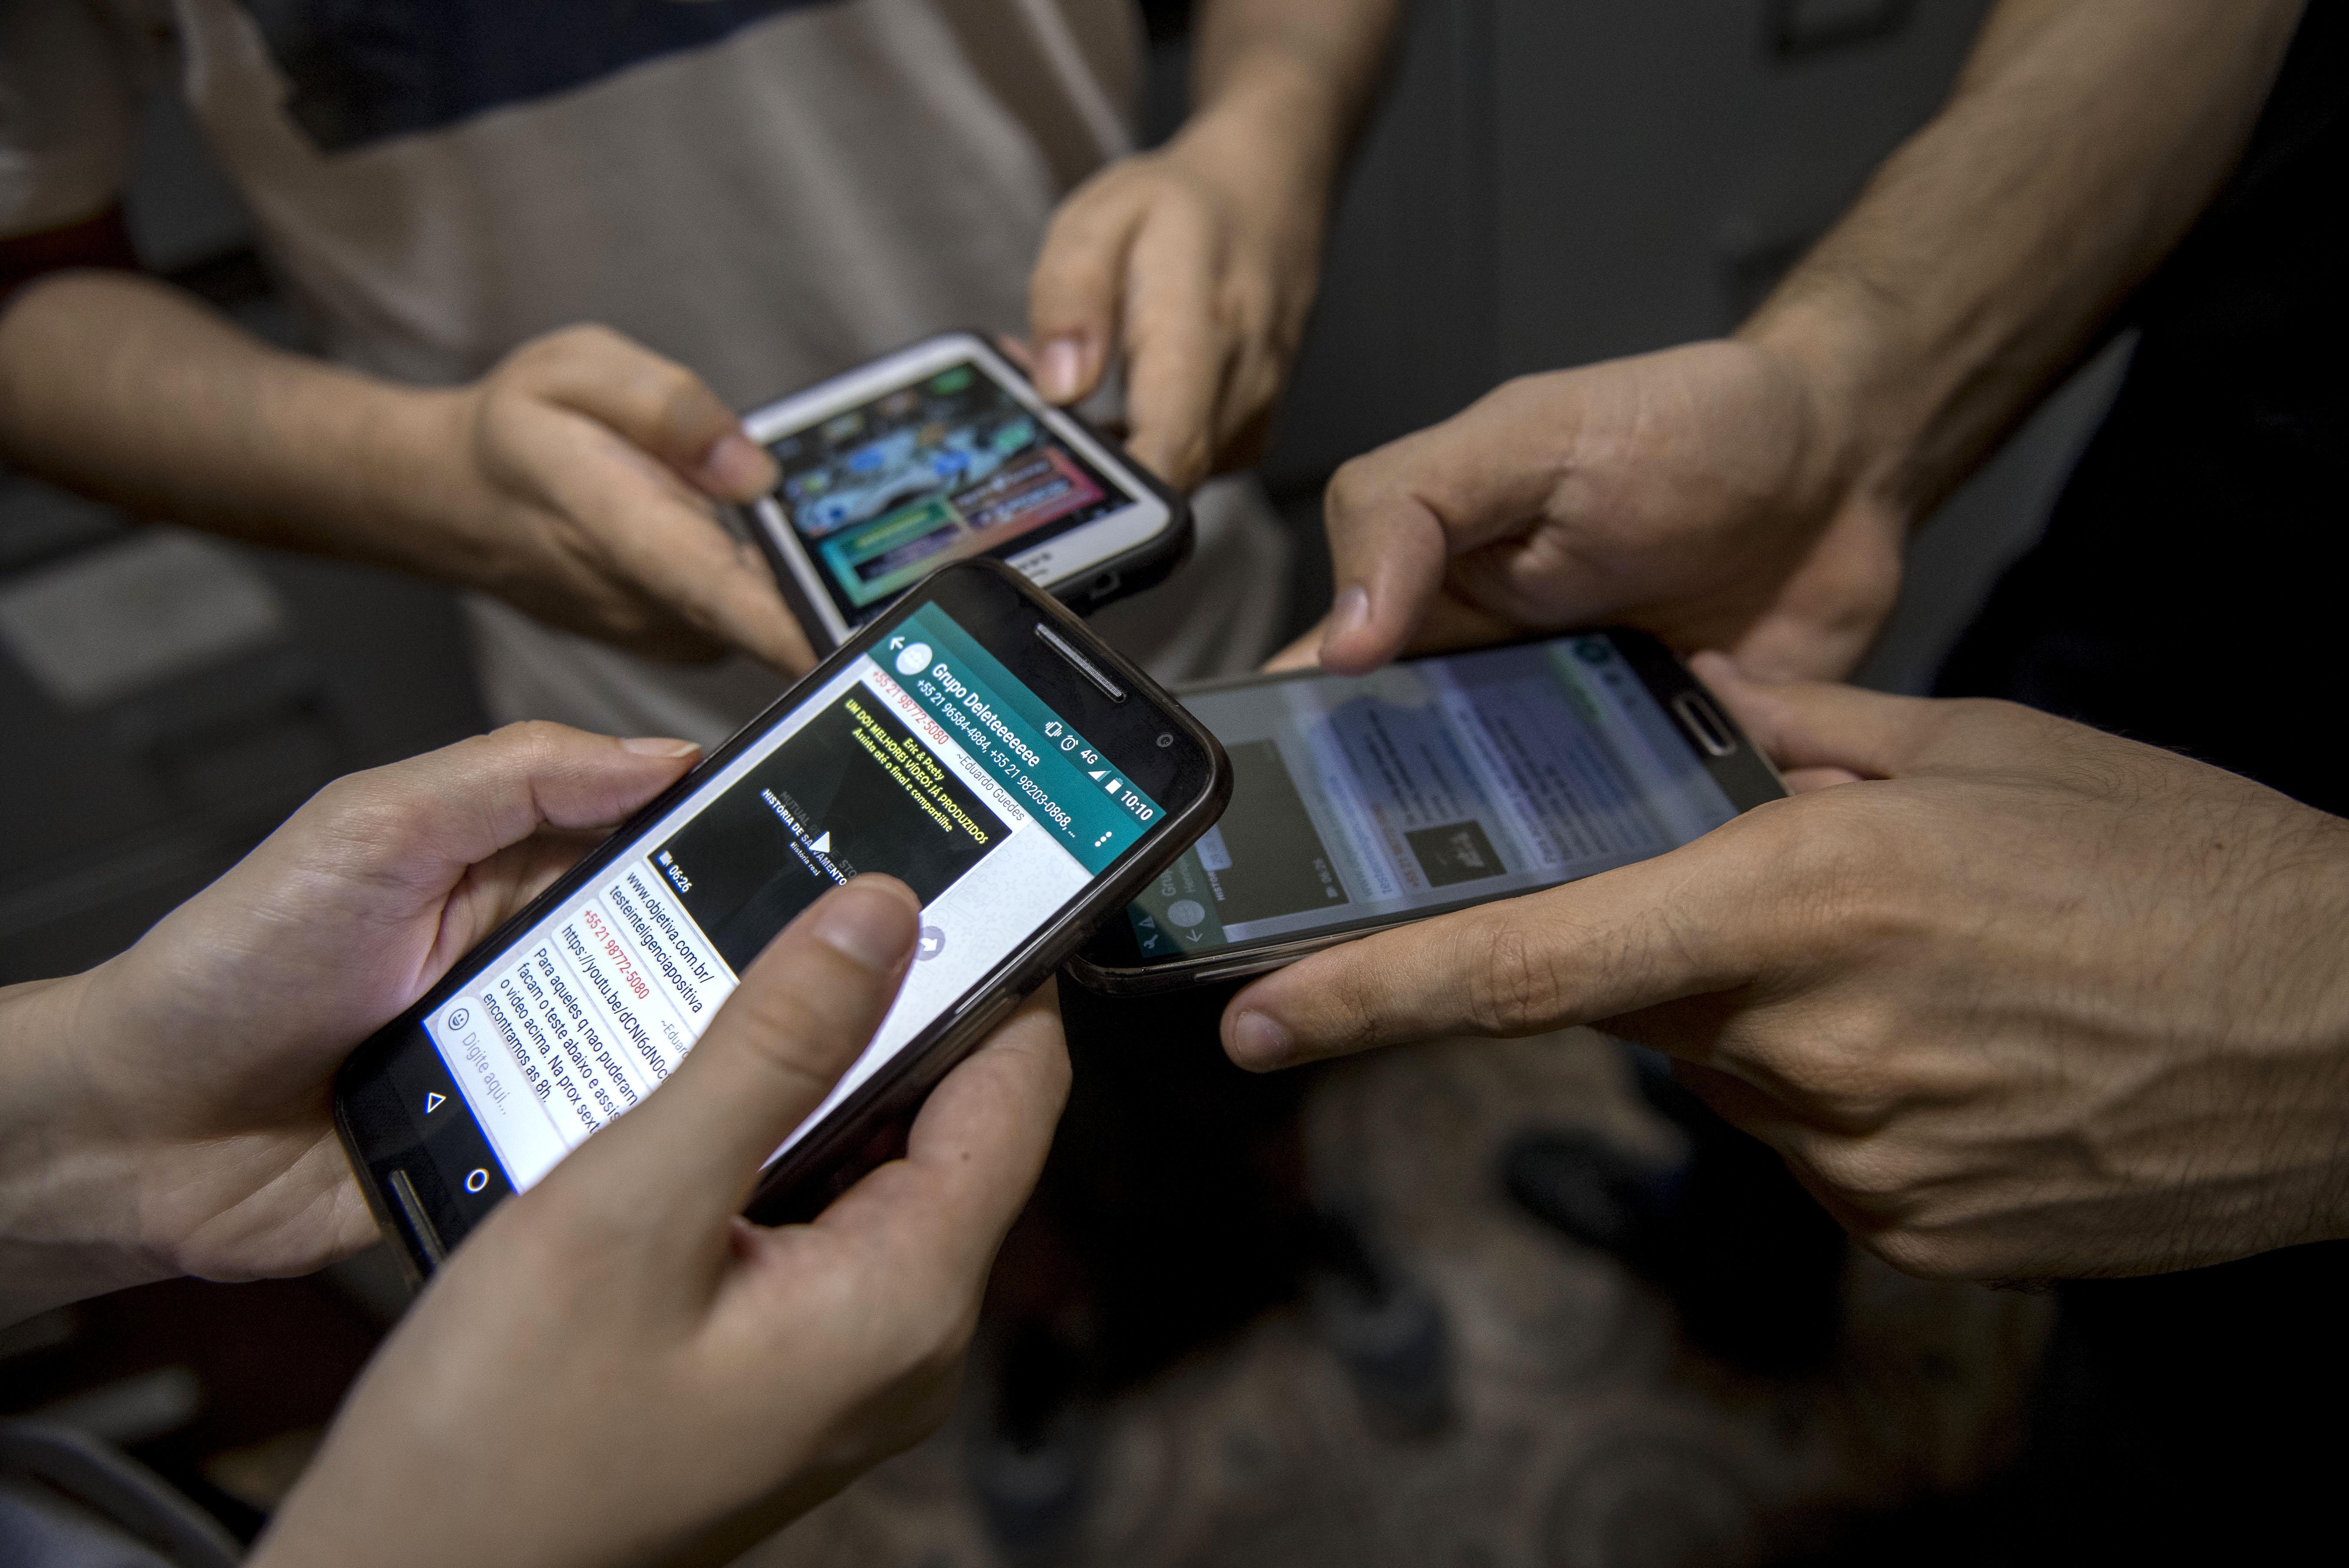 Los pacientes del grupo terapéutico en dependencia digital 'Eliminar' muestran sus teléfonos celulares dentro de una clínica en Río de Janeiro, Brasil.